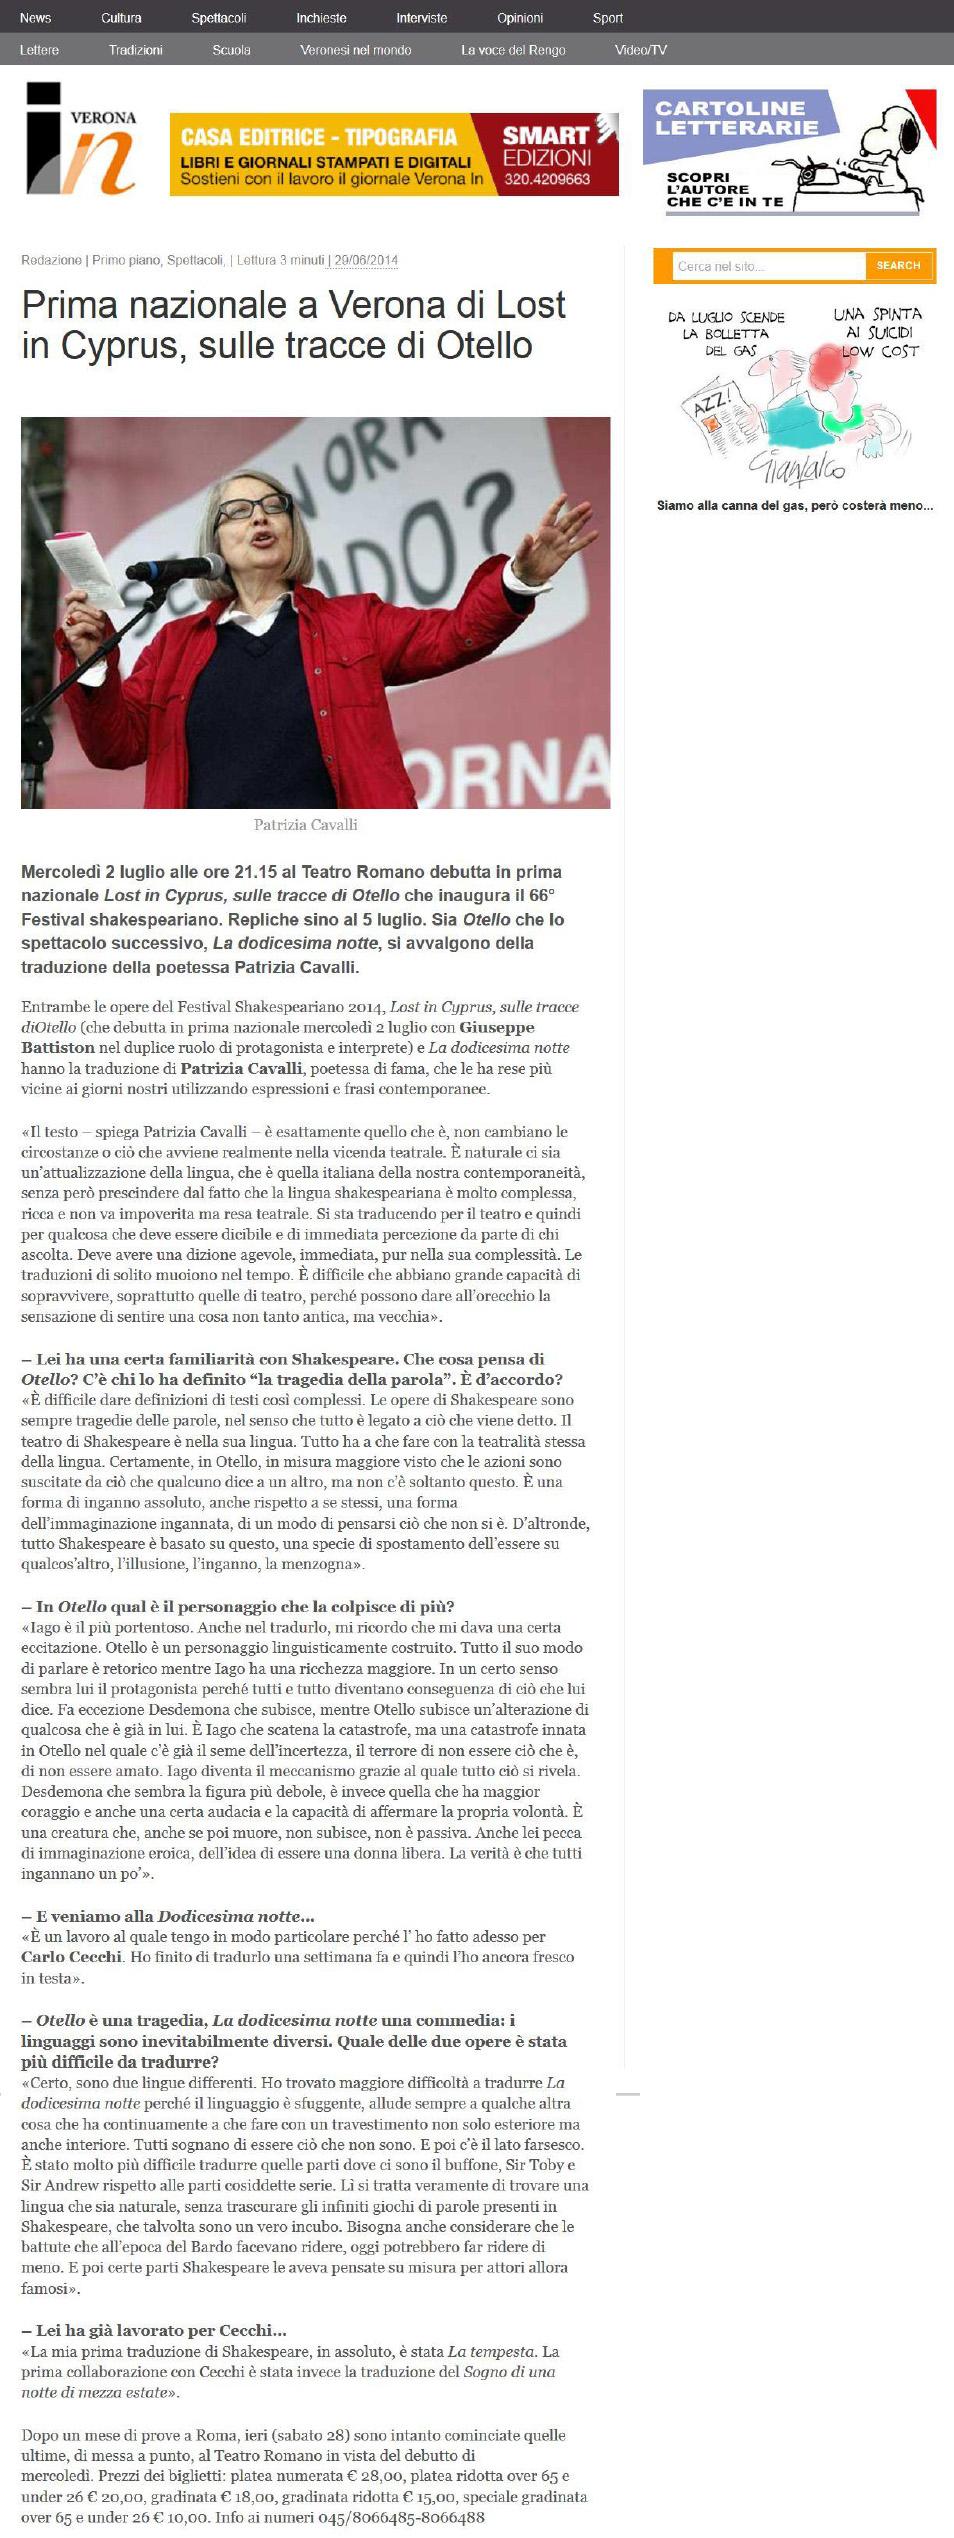 2014.06.29 Prima nazionale a Verona di Lost in Cyprus, sulle tracce di Otello - verona-in.it